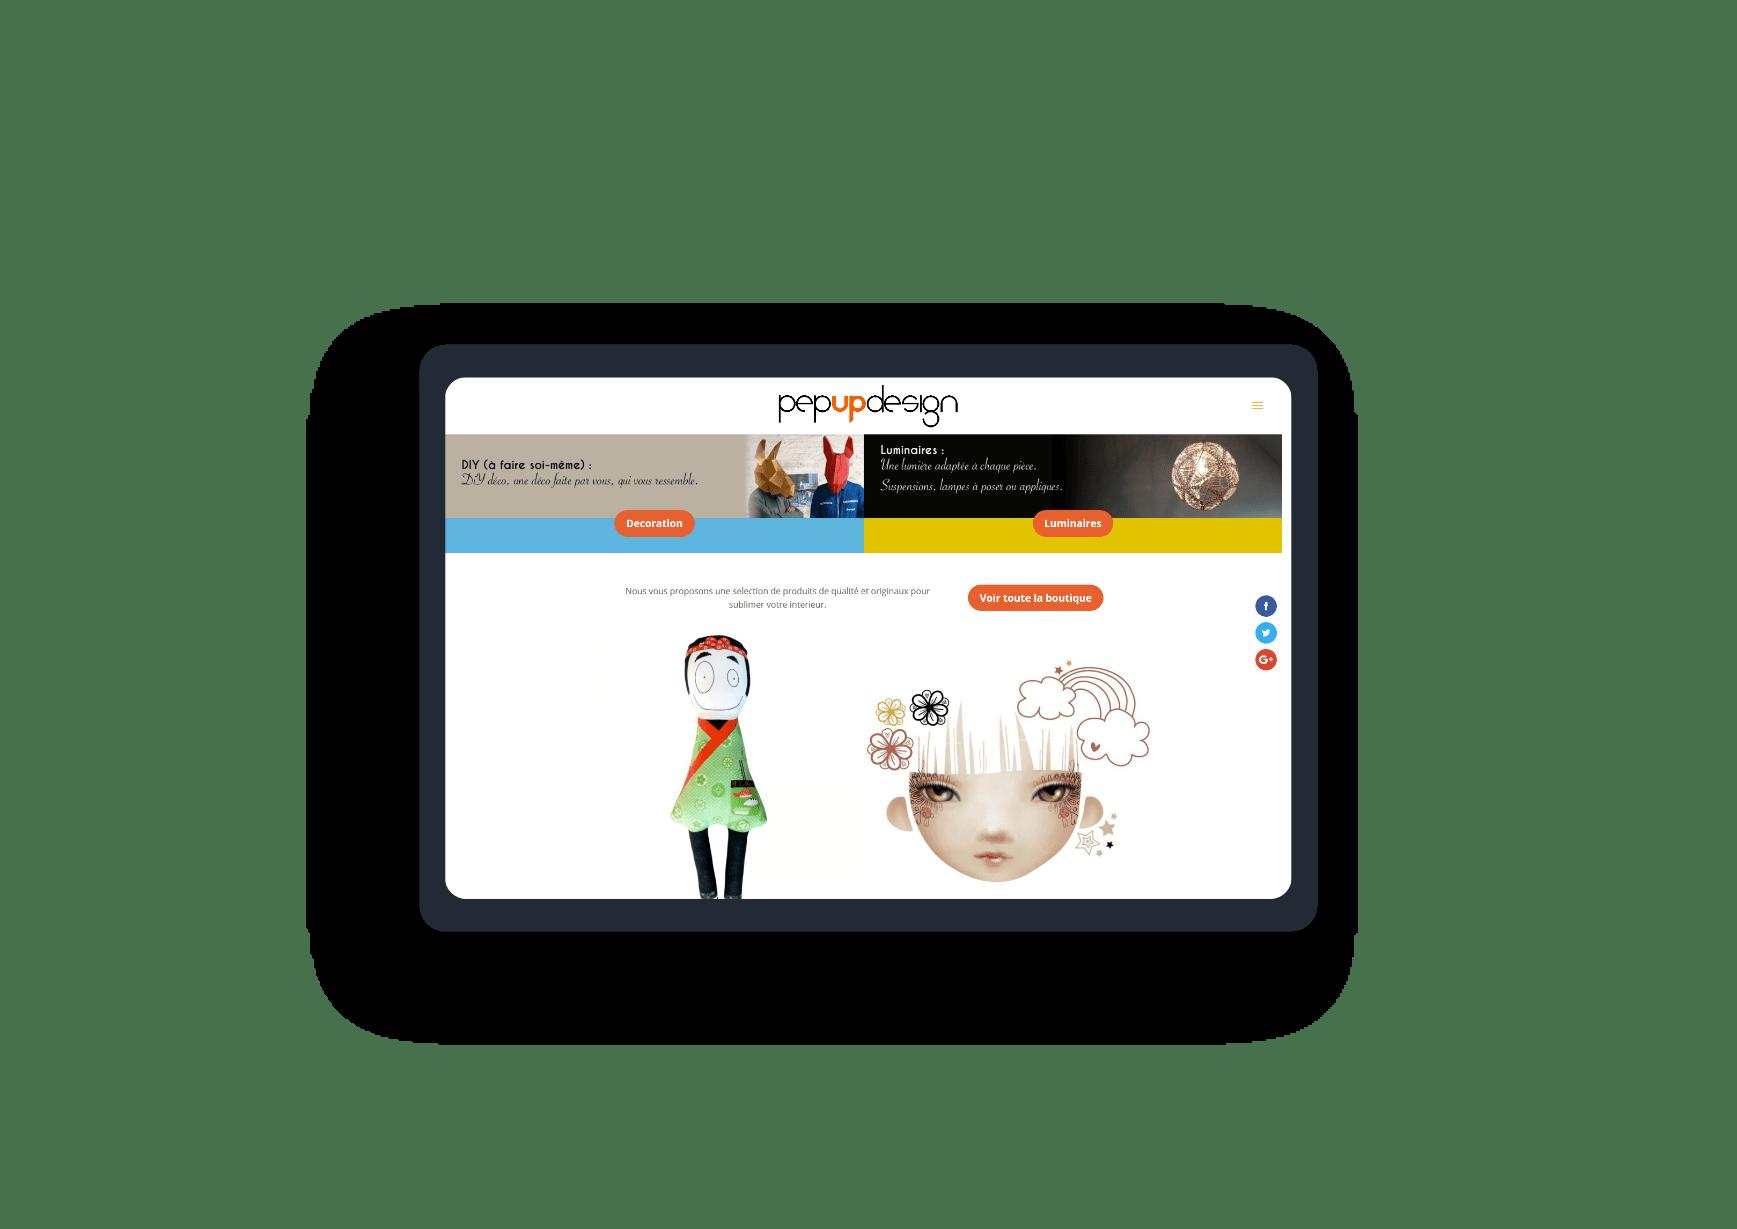 mockup tablette pour le site pep up design